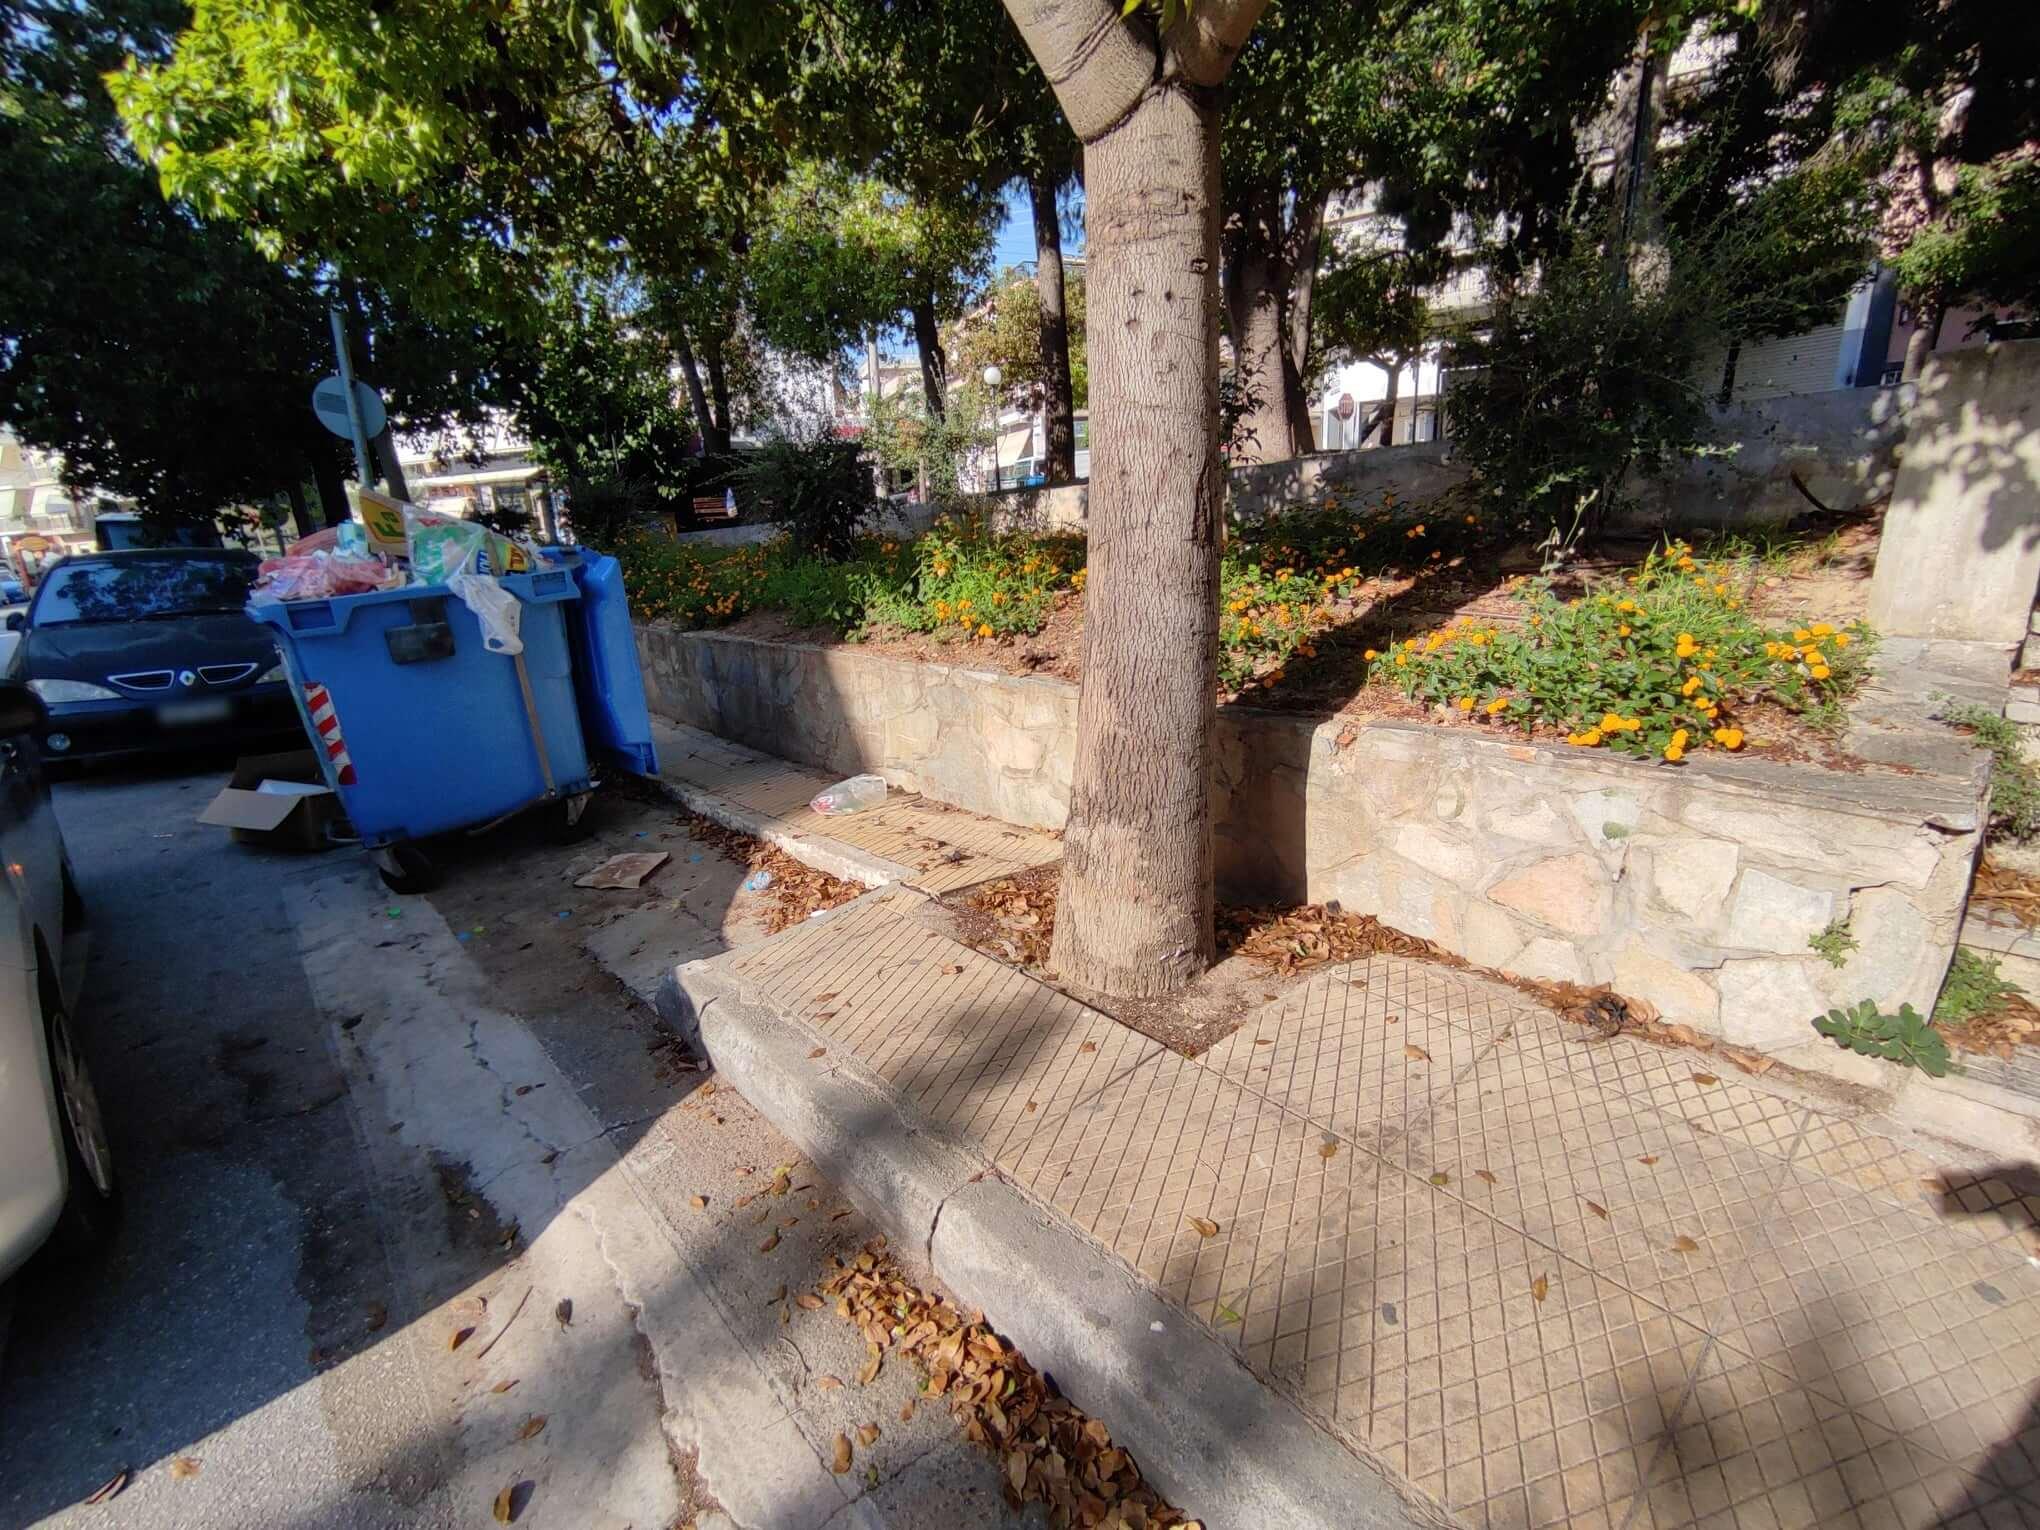 Πολυτέκνων - Πάρκο. Το πλάτος του πεζοδρομίου περιορίζεται σημαντικά από την εσοχή για τον κάδο ανακύκλωσης. Ταυτόχρονα, το δέντρο που υπάρχει επί του πεζοδρομίου δεν αφήνει επαρκή χώρο για τους πεζούς.